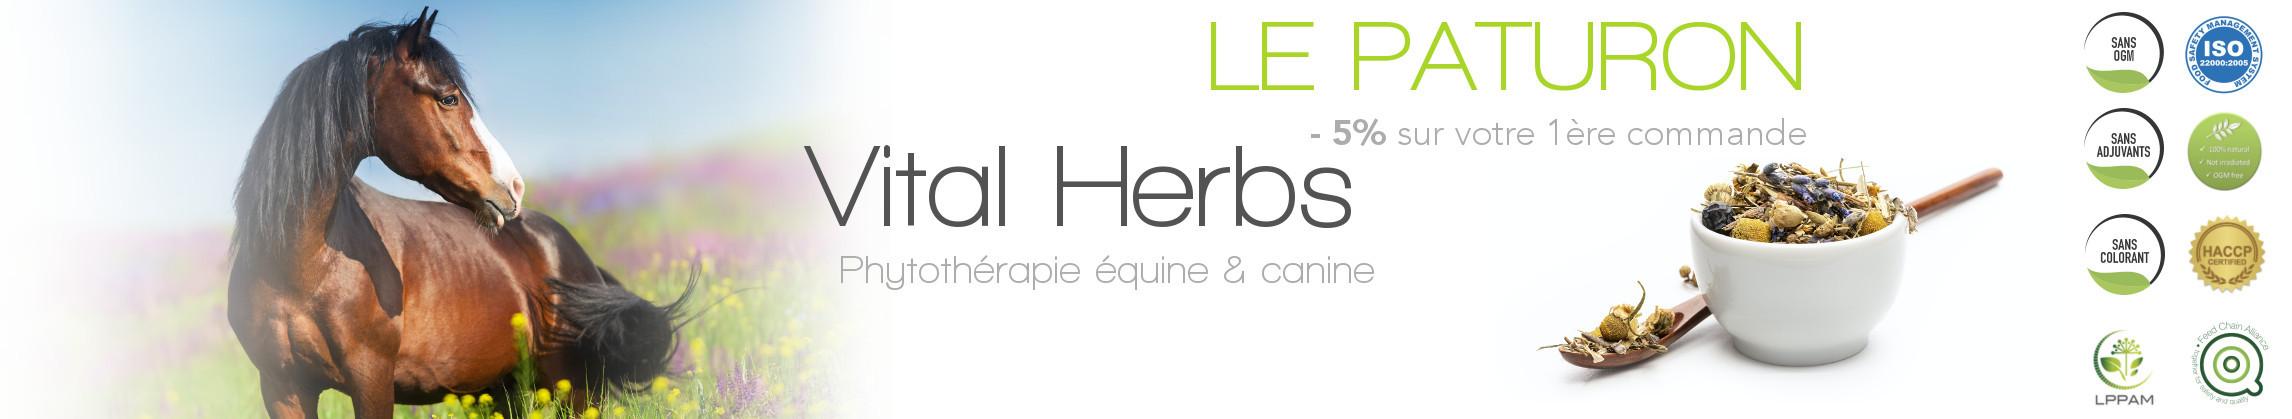 Vital Herbs - Phytothérapie cheval - Le Paturon